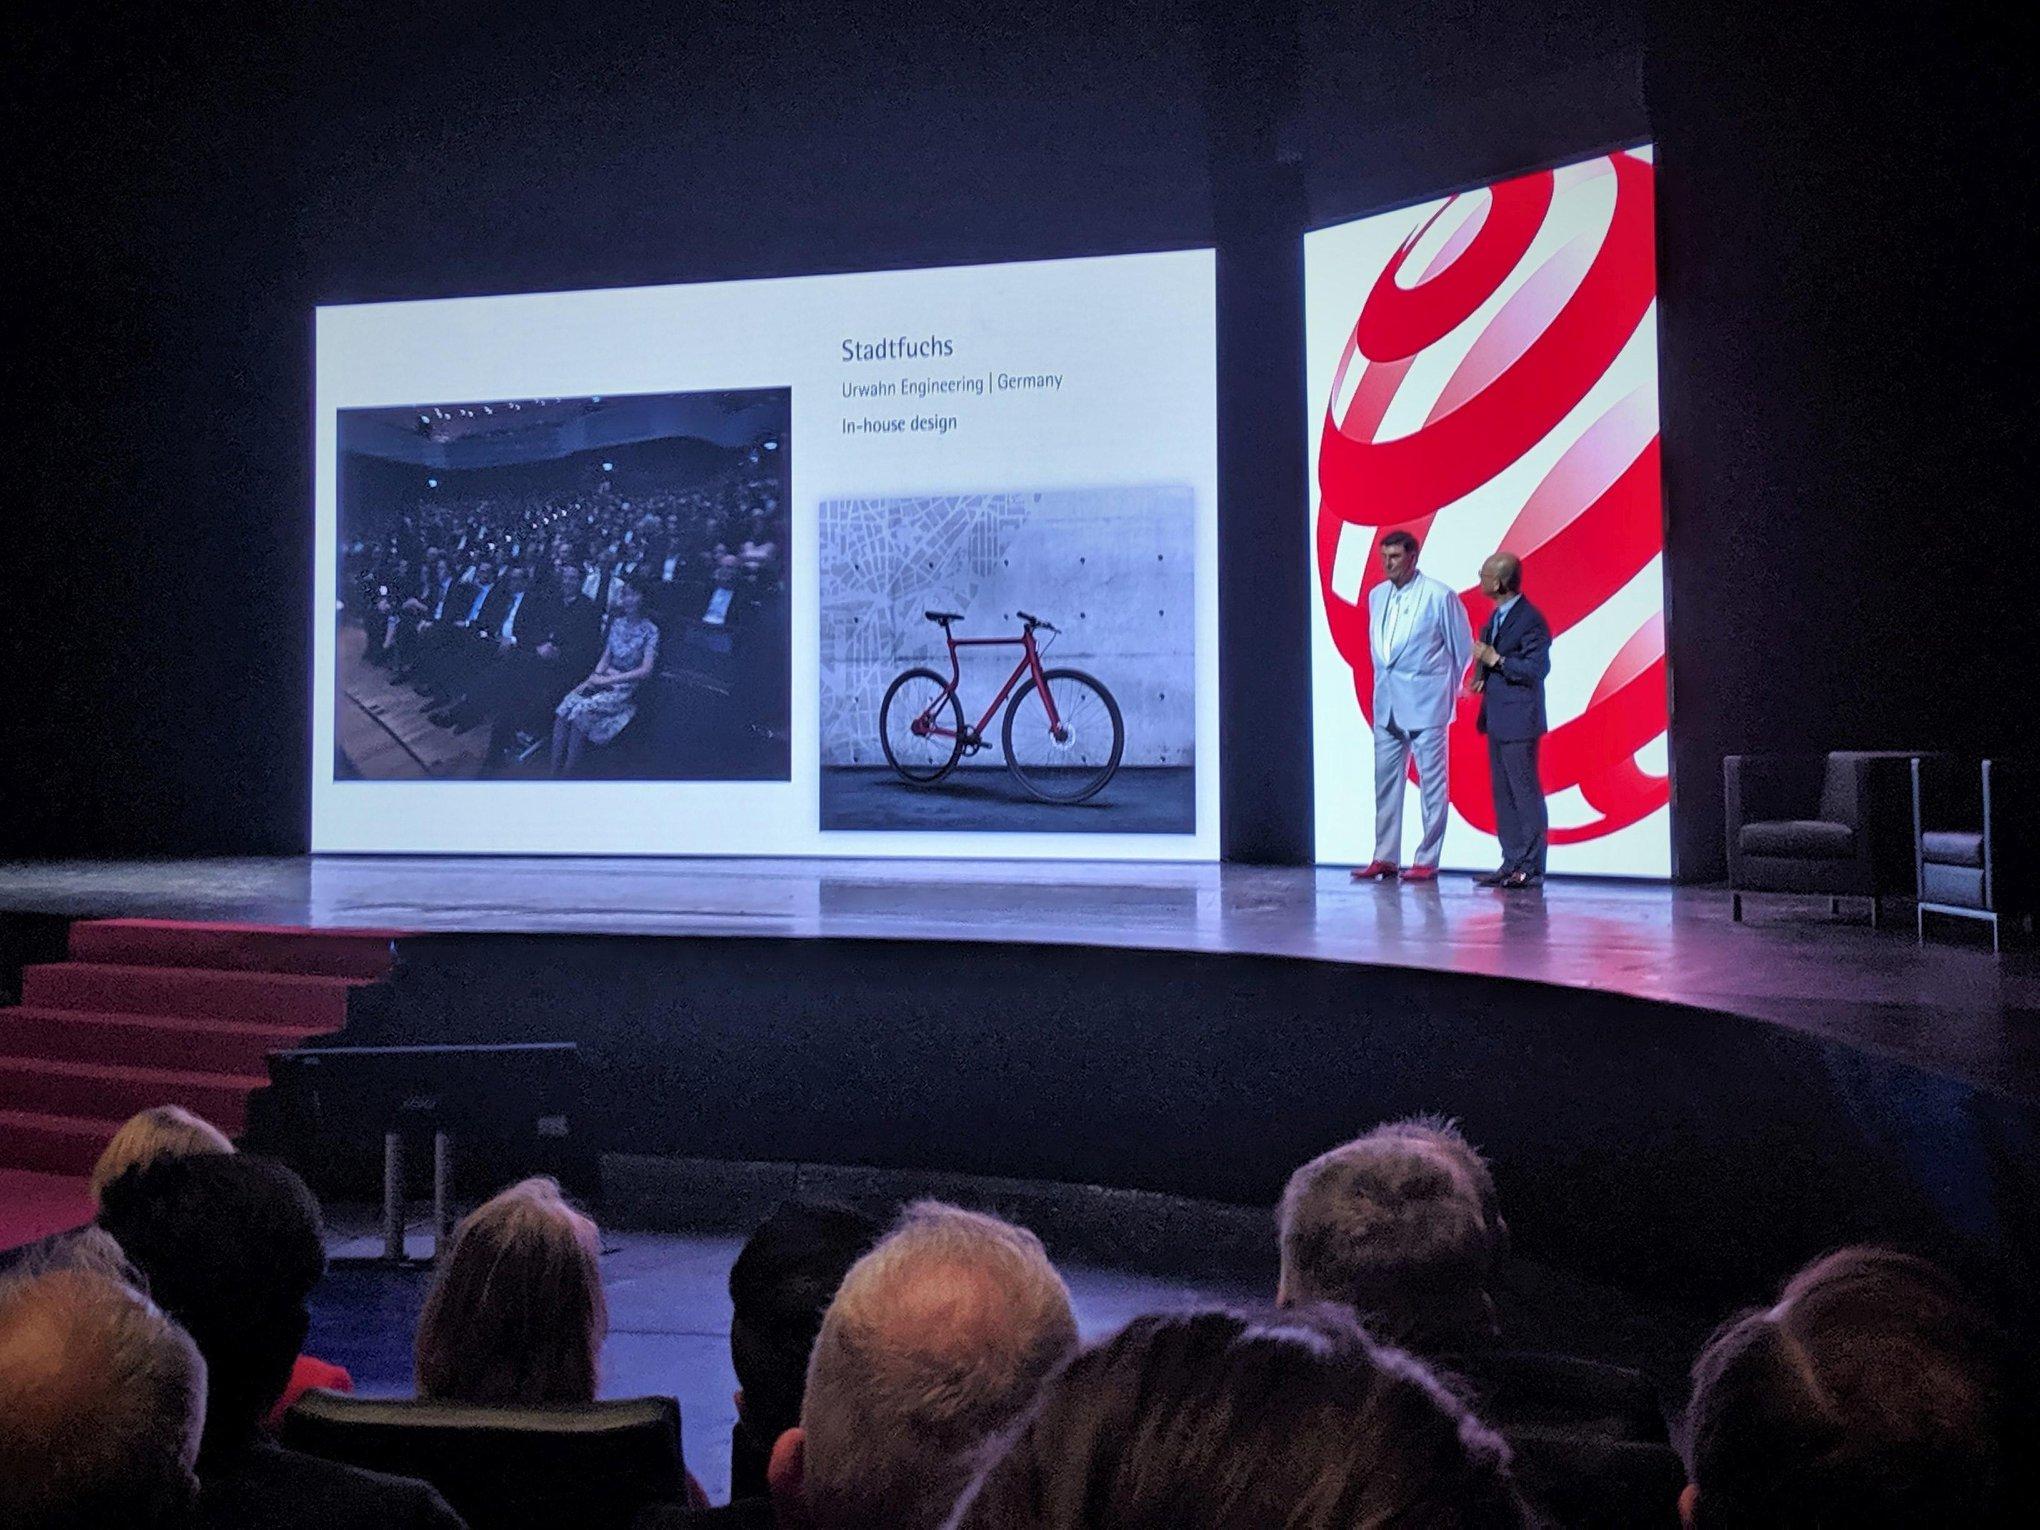 Die Bühne ist bereit für den Urwahn Stadtfuchs ©Urwahn Bikes